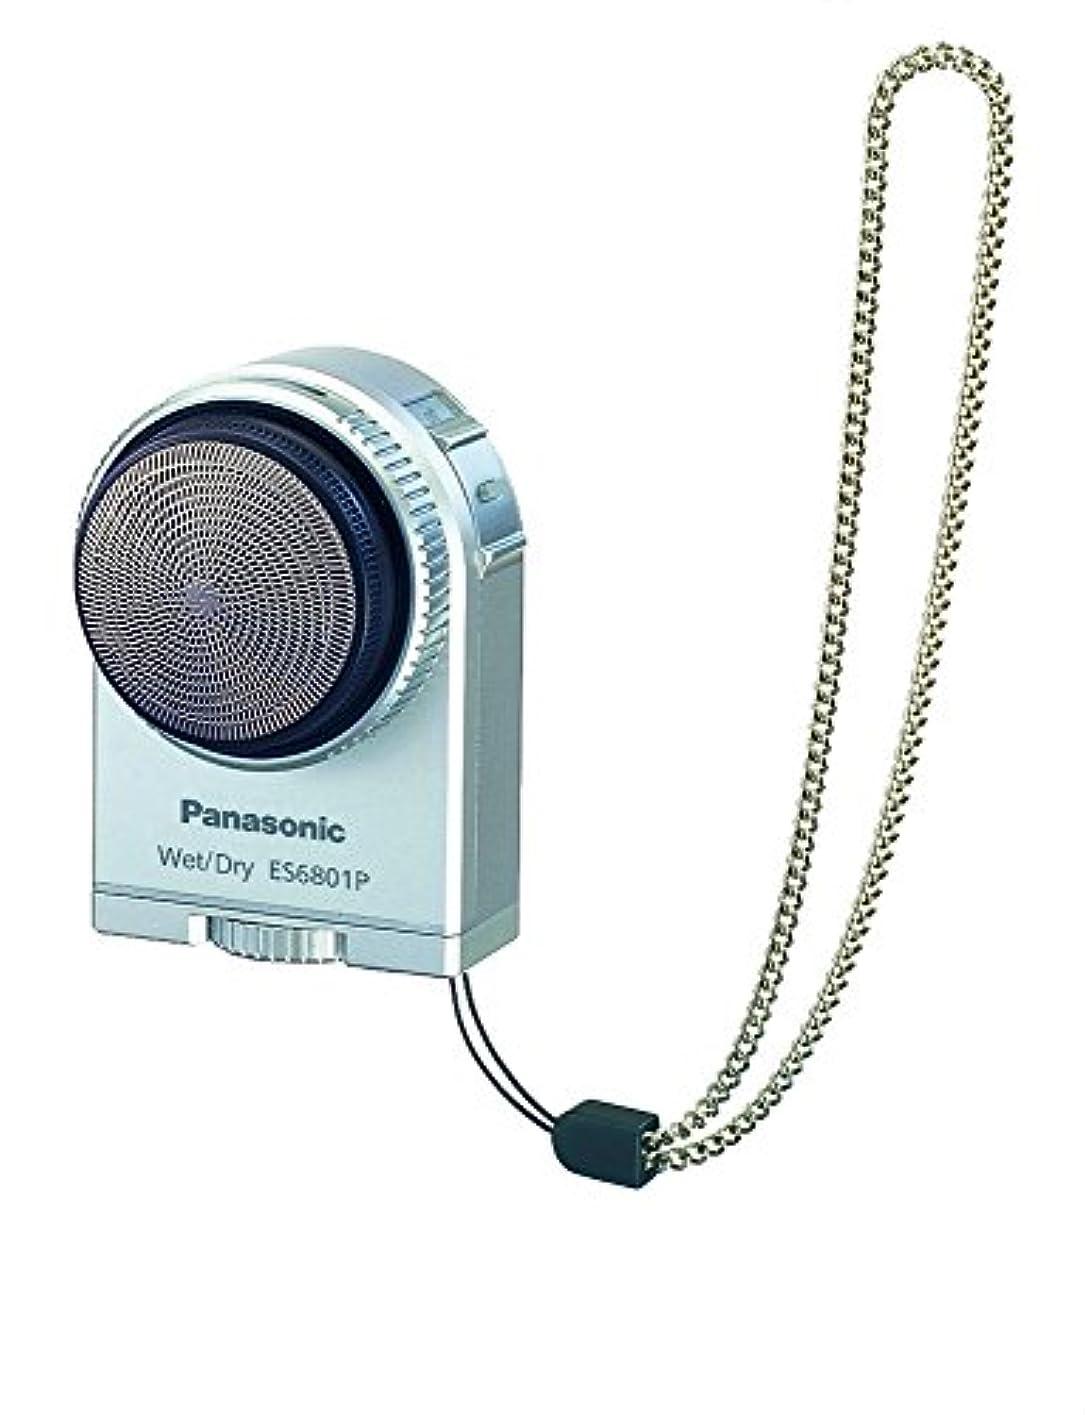 あなたが良くなります対象弾力性のあるパナソニック スピンネット?リチウム シルバー調 ES6801P-S